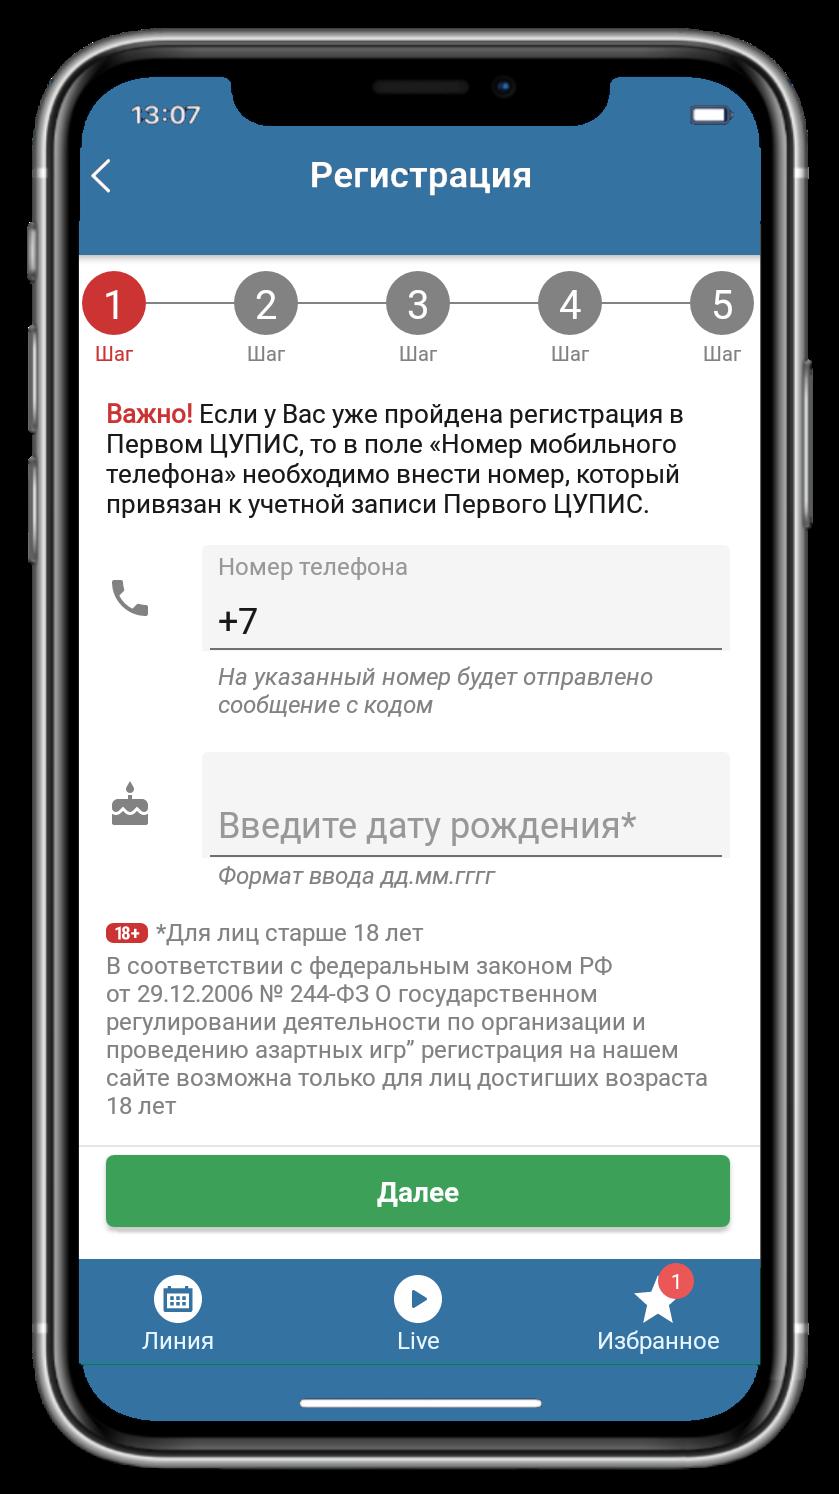 Регистрация в приложении айфон